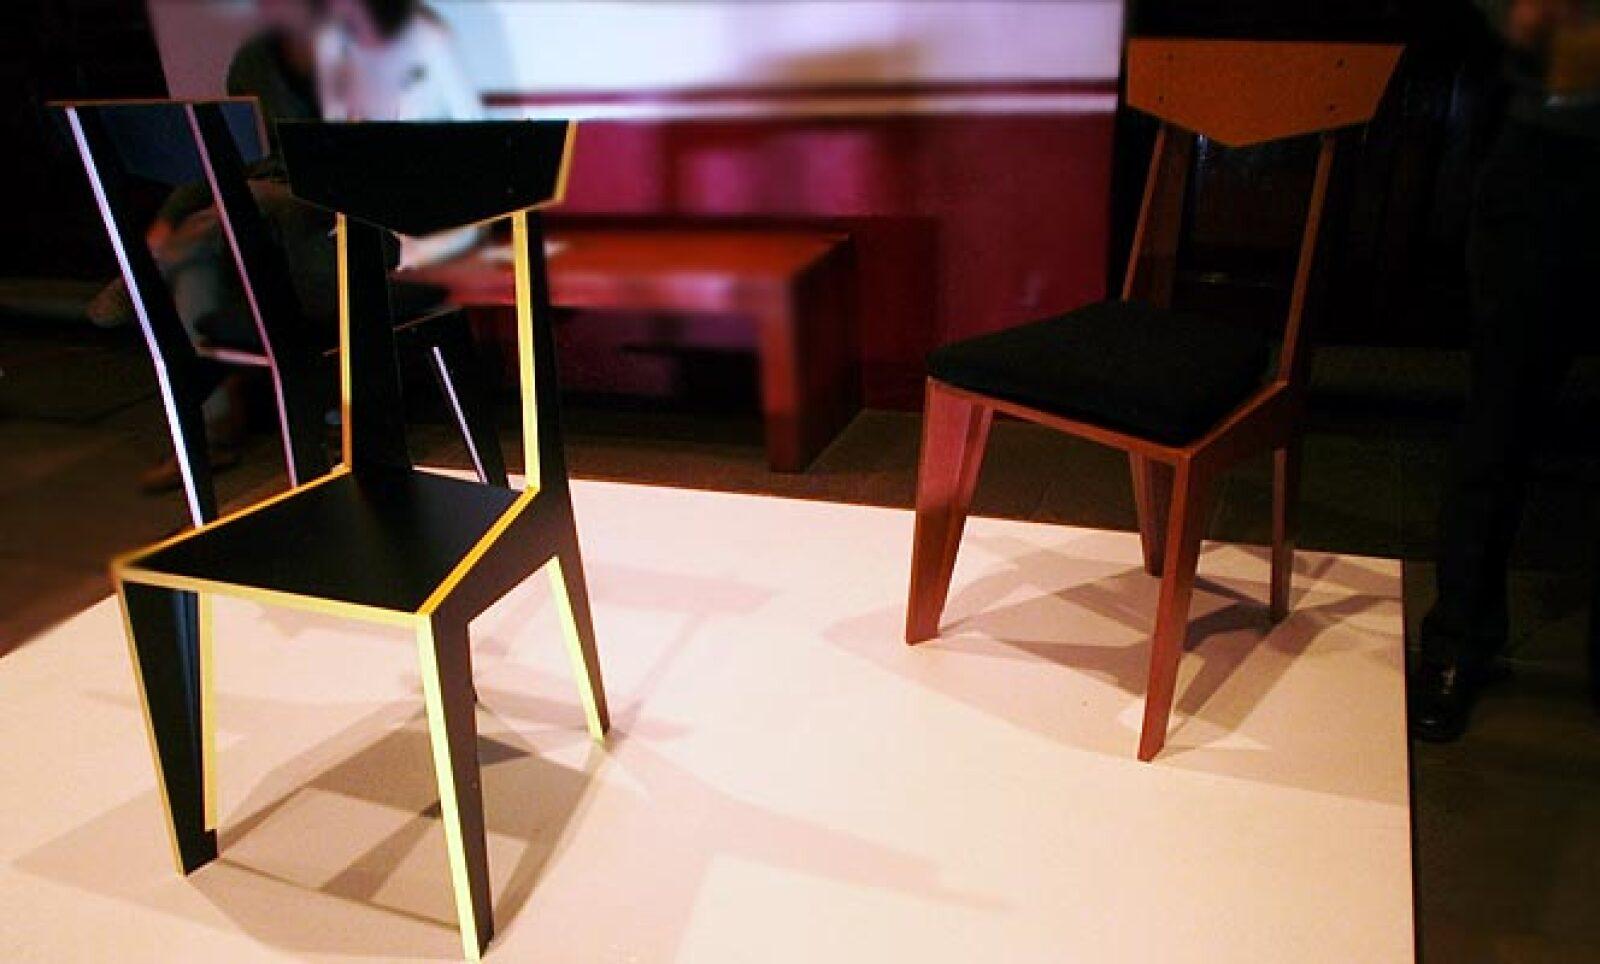 8.P-33 es una silla cuyo diseño está determinado por la búsqueda de la optimización del material con el que está hecha, por lo que su extraña geometría responde al despiece con el cual fue concebida. Diseño: Victor Imre Ebergenyi Kelly.